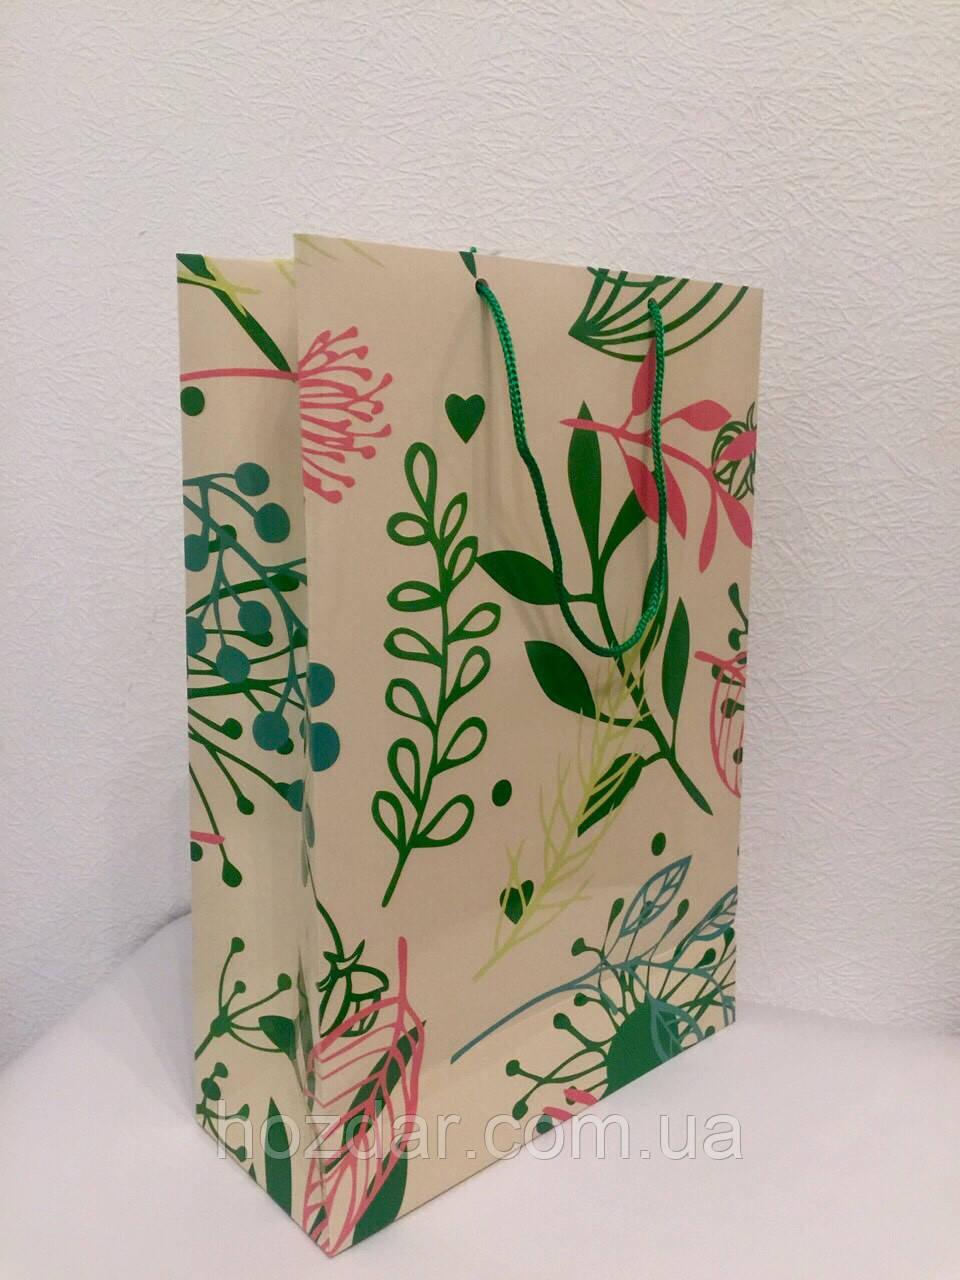 Пакет подарочный бумажный формат А 4 21х31х9 (30-012)